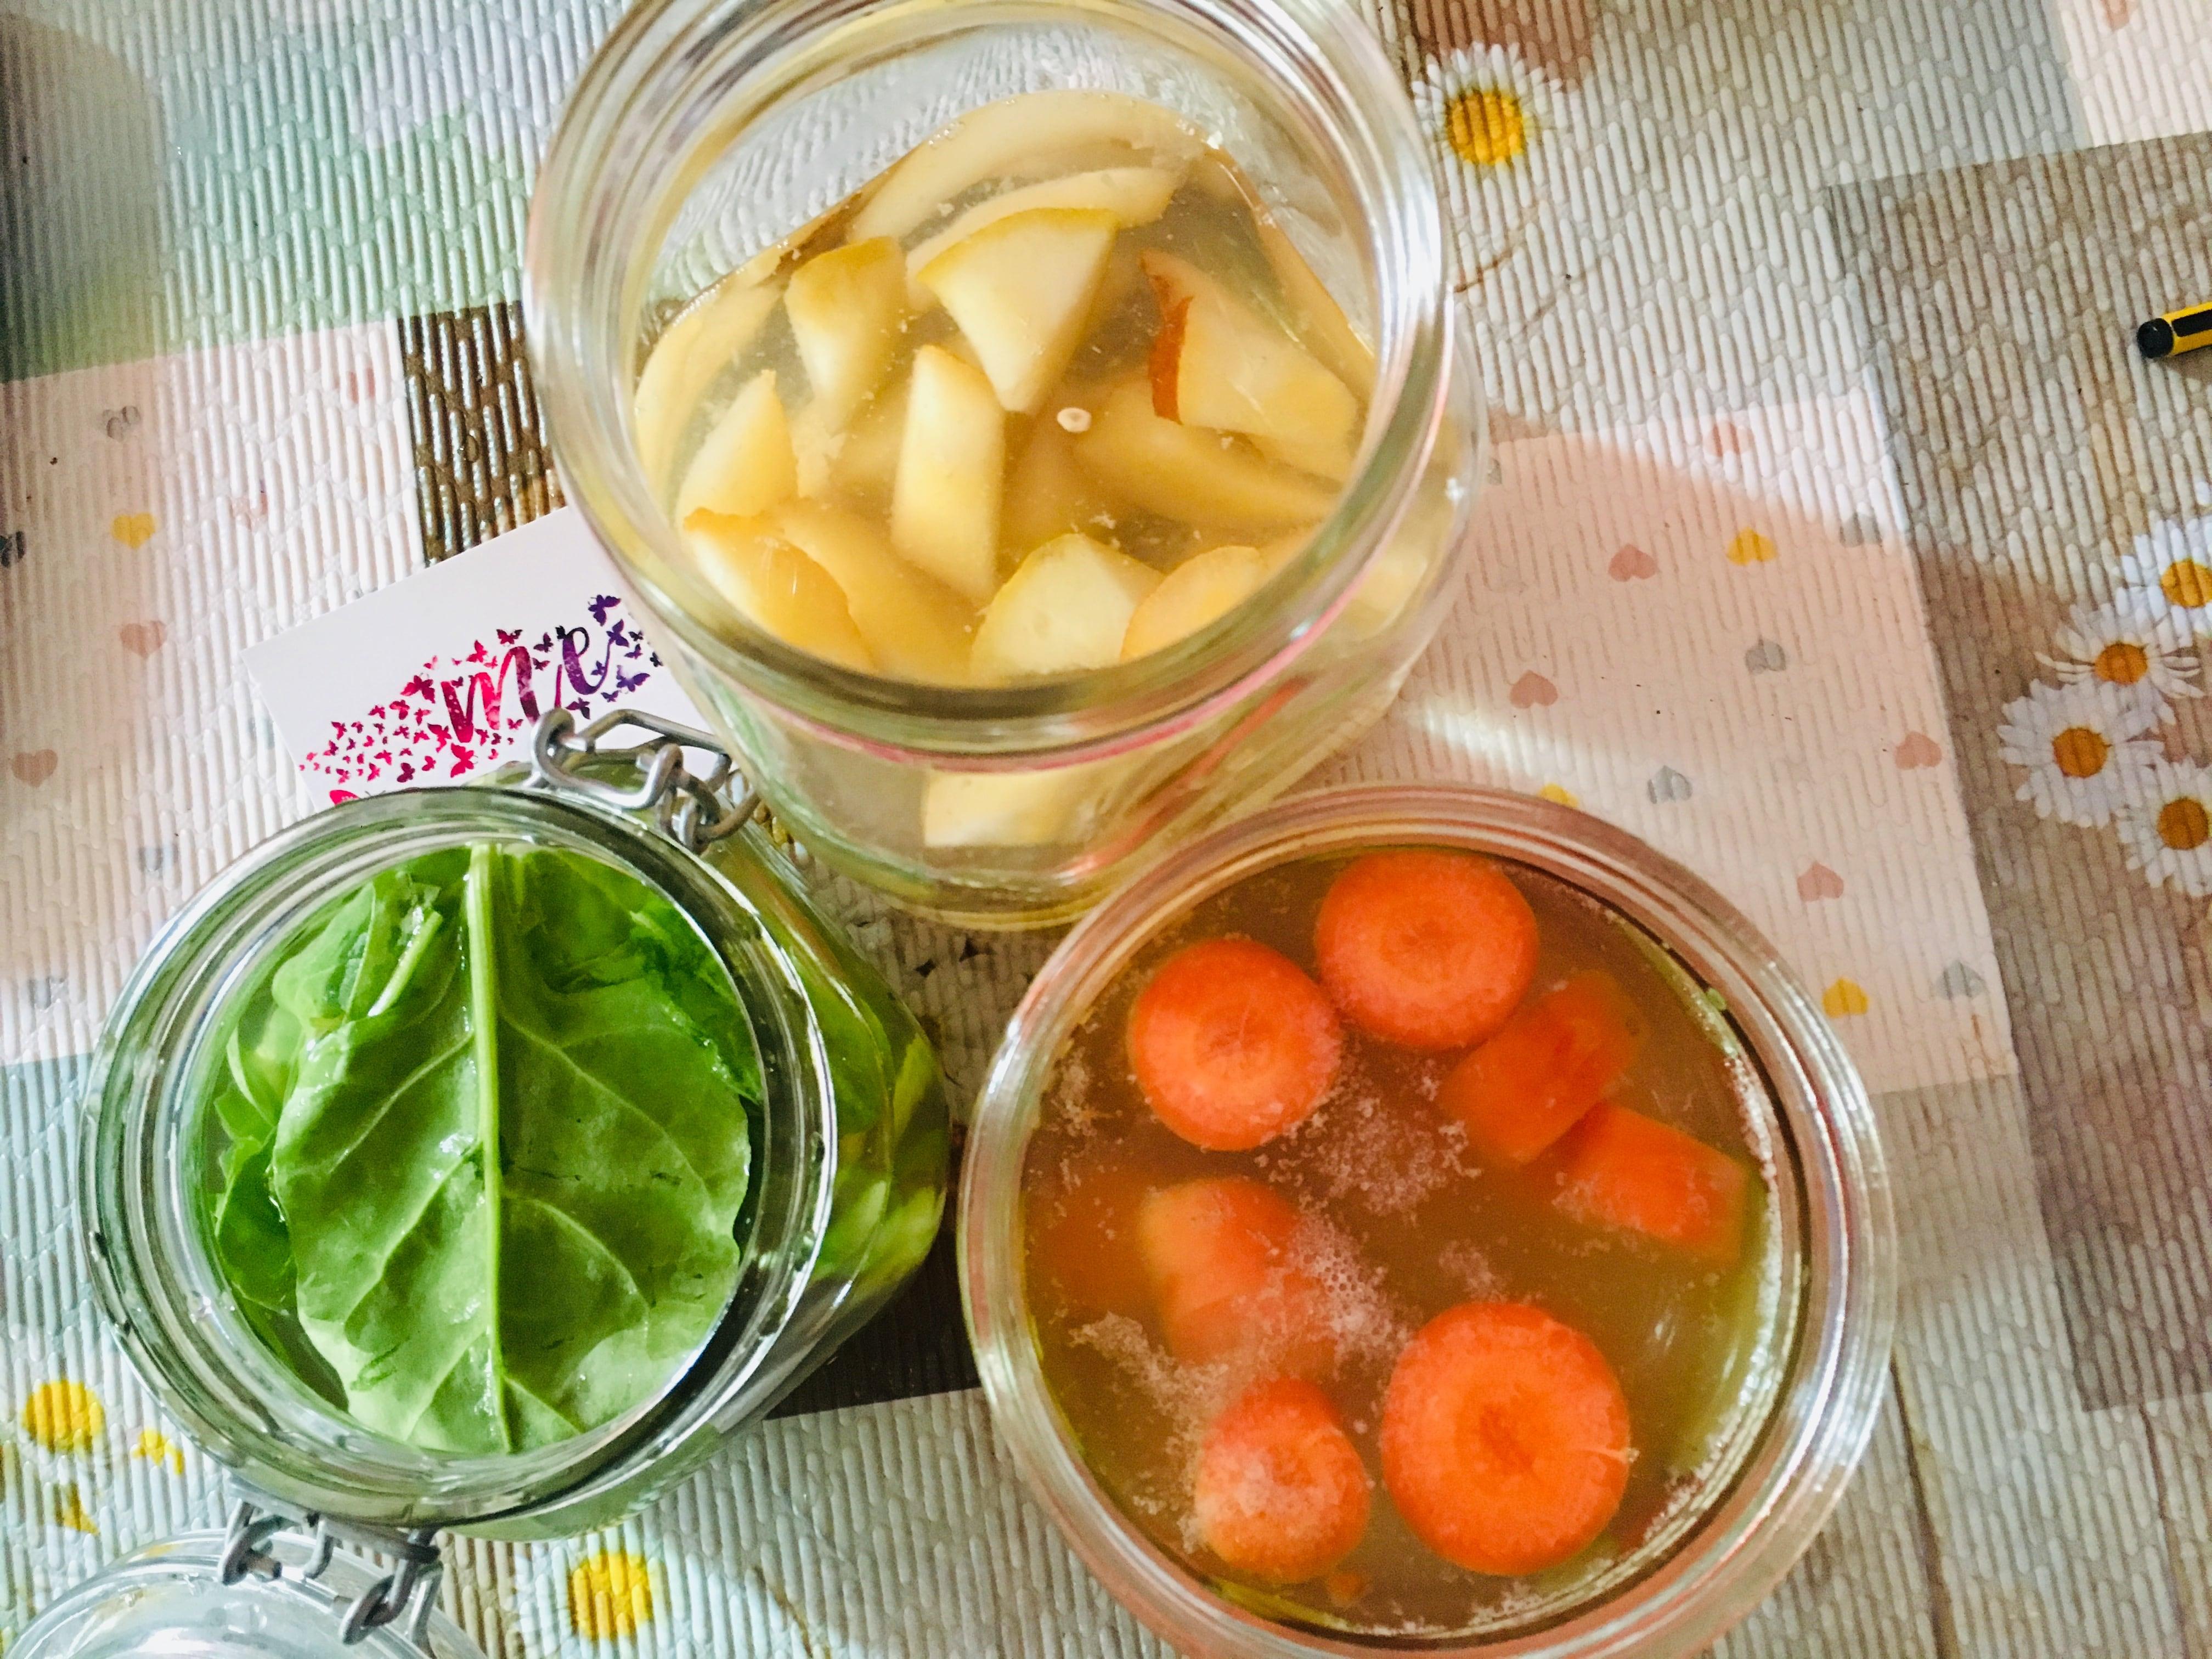 METODO LIEVITANDO STARTER  5  con VERDURA e FRUTTA fermentata in tibicos🍞🍎🥕